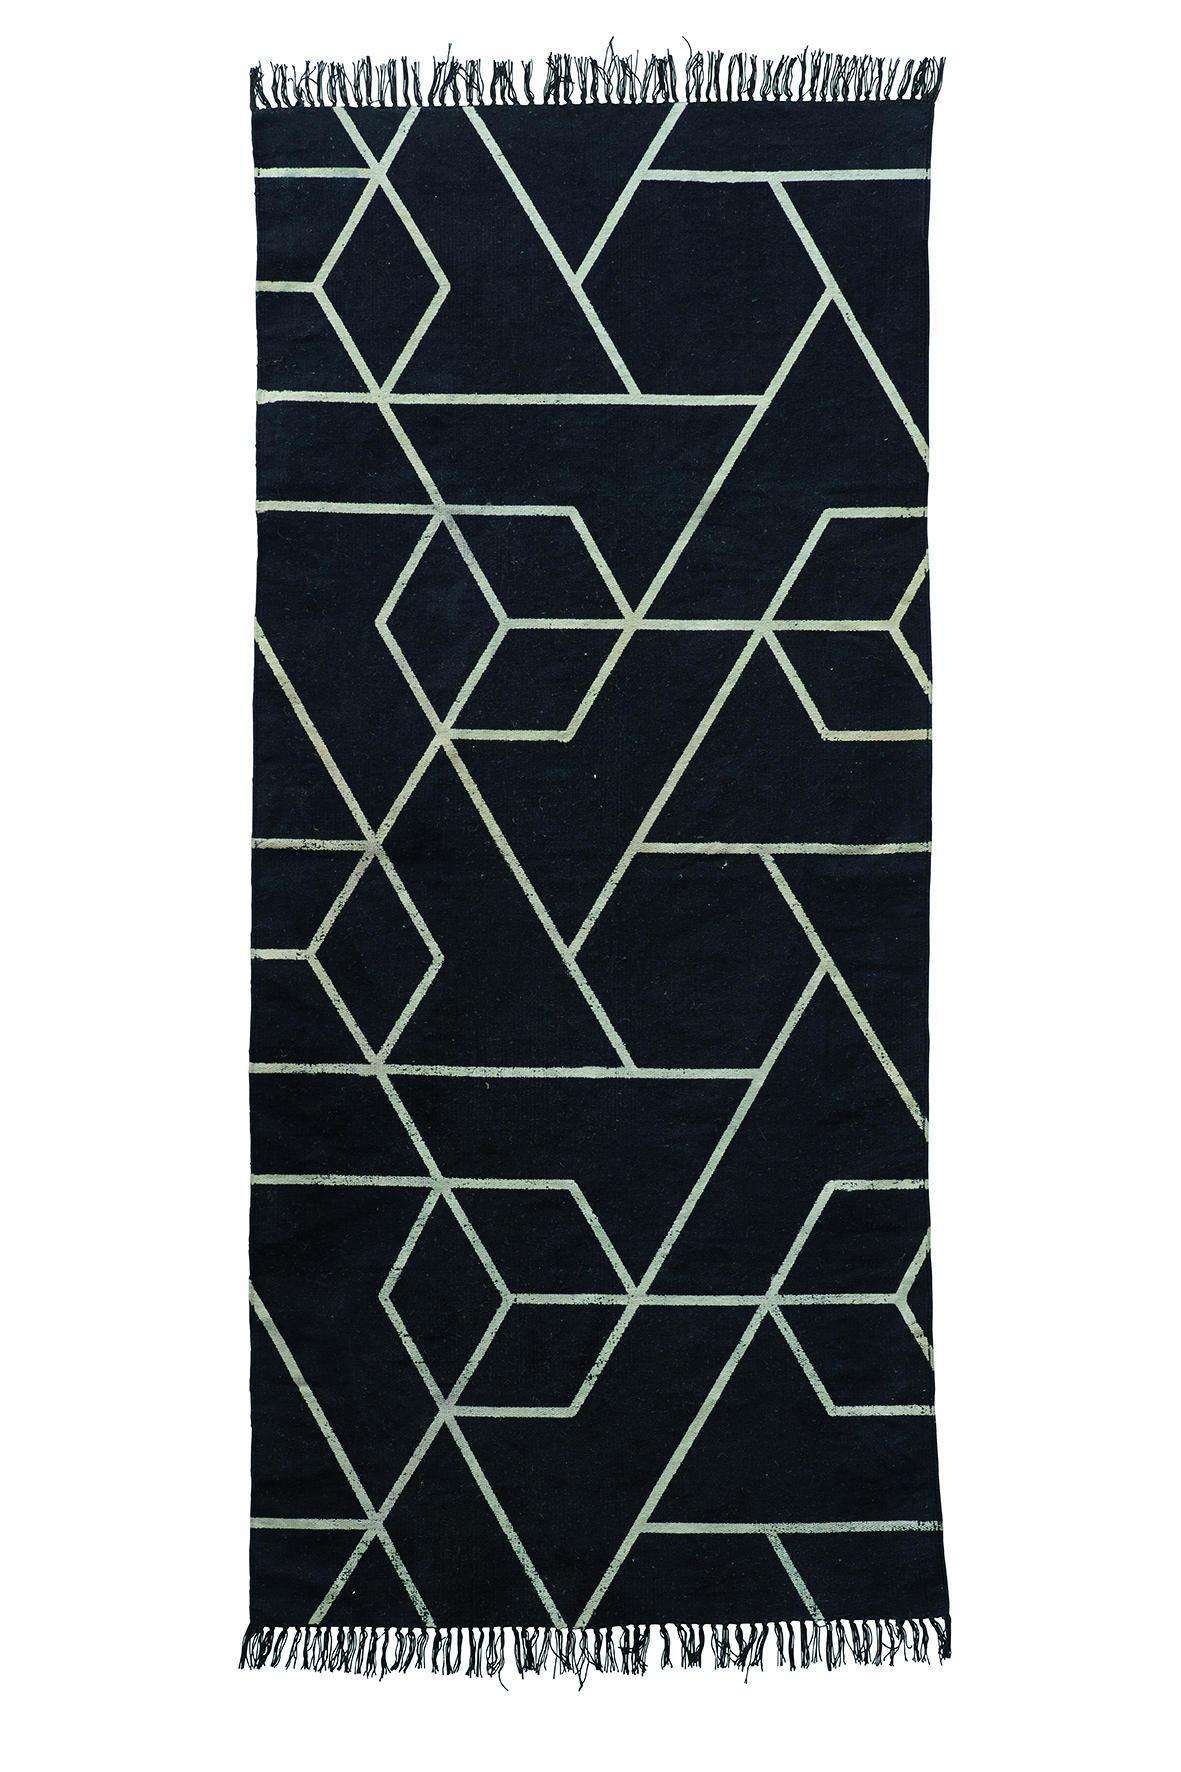 House Doctor Koberec Phantom 90 x 200 cm, černá barva, textil Černá